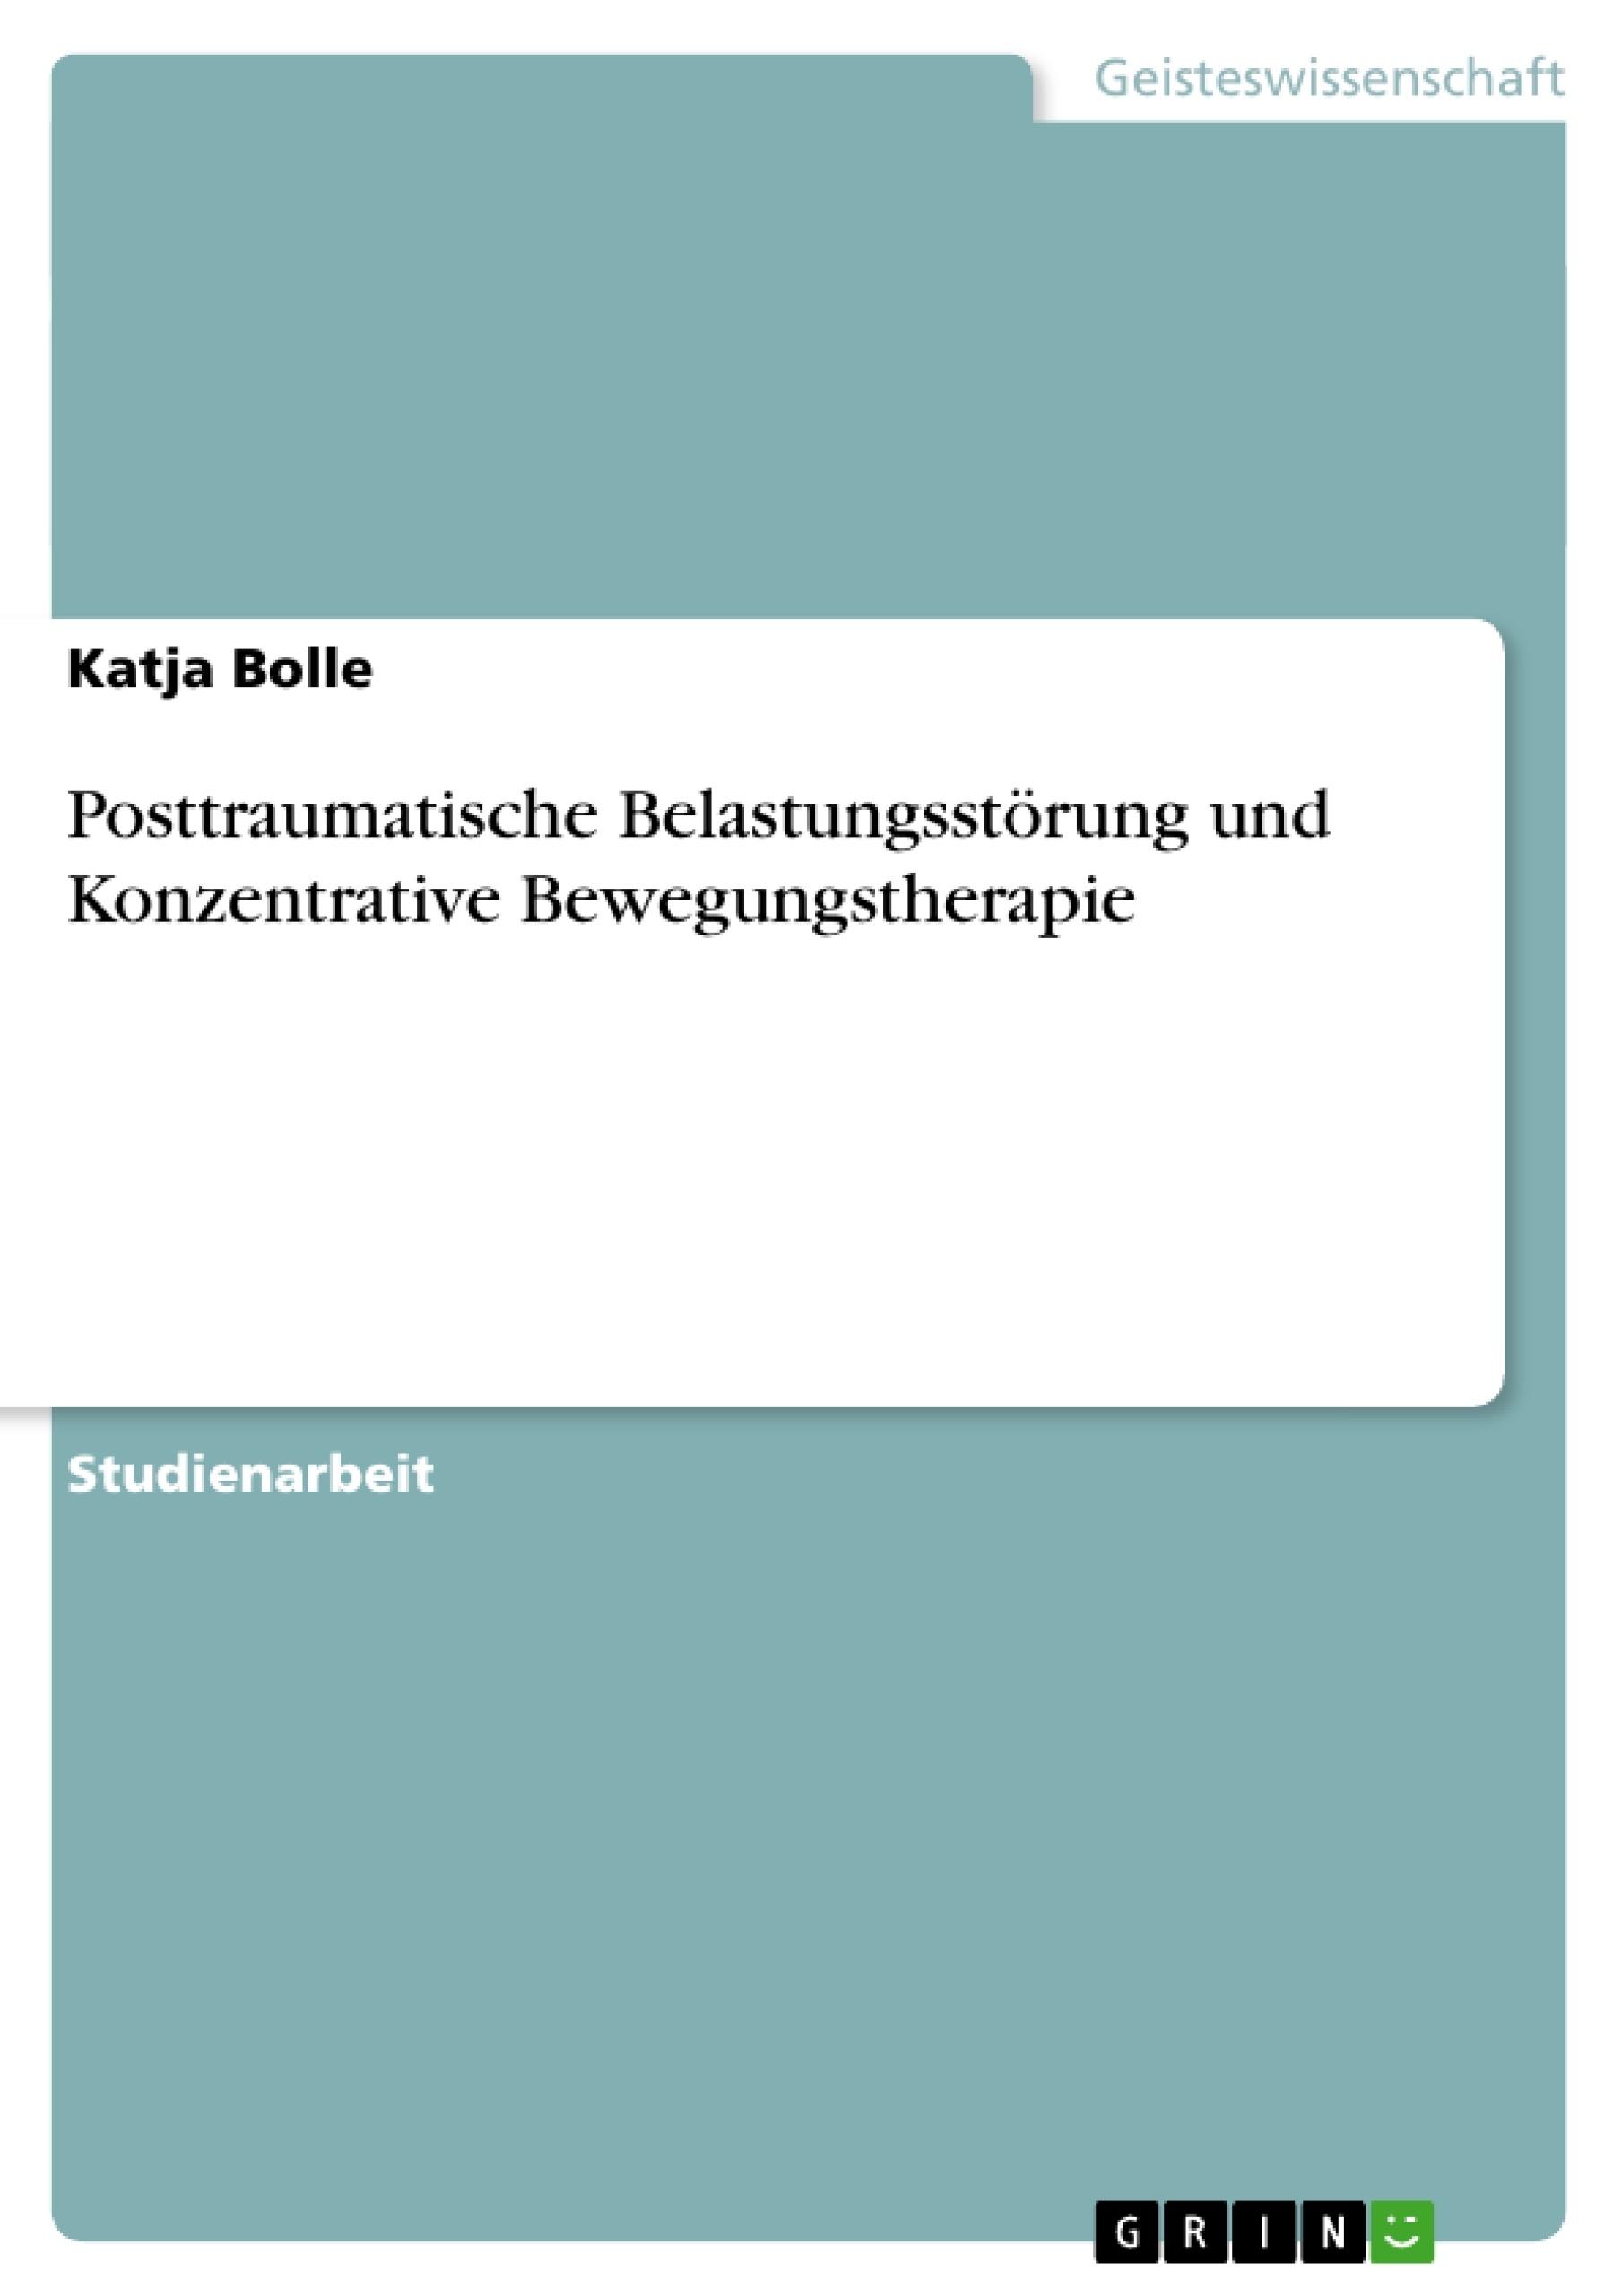 Titel: Posttraumatische Belastungsstörung und Konzentrative Bewegungstherapie